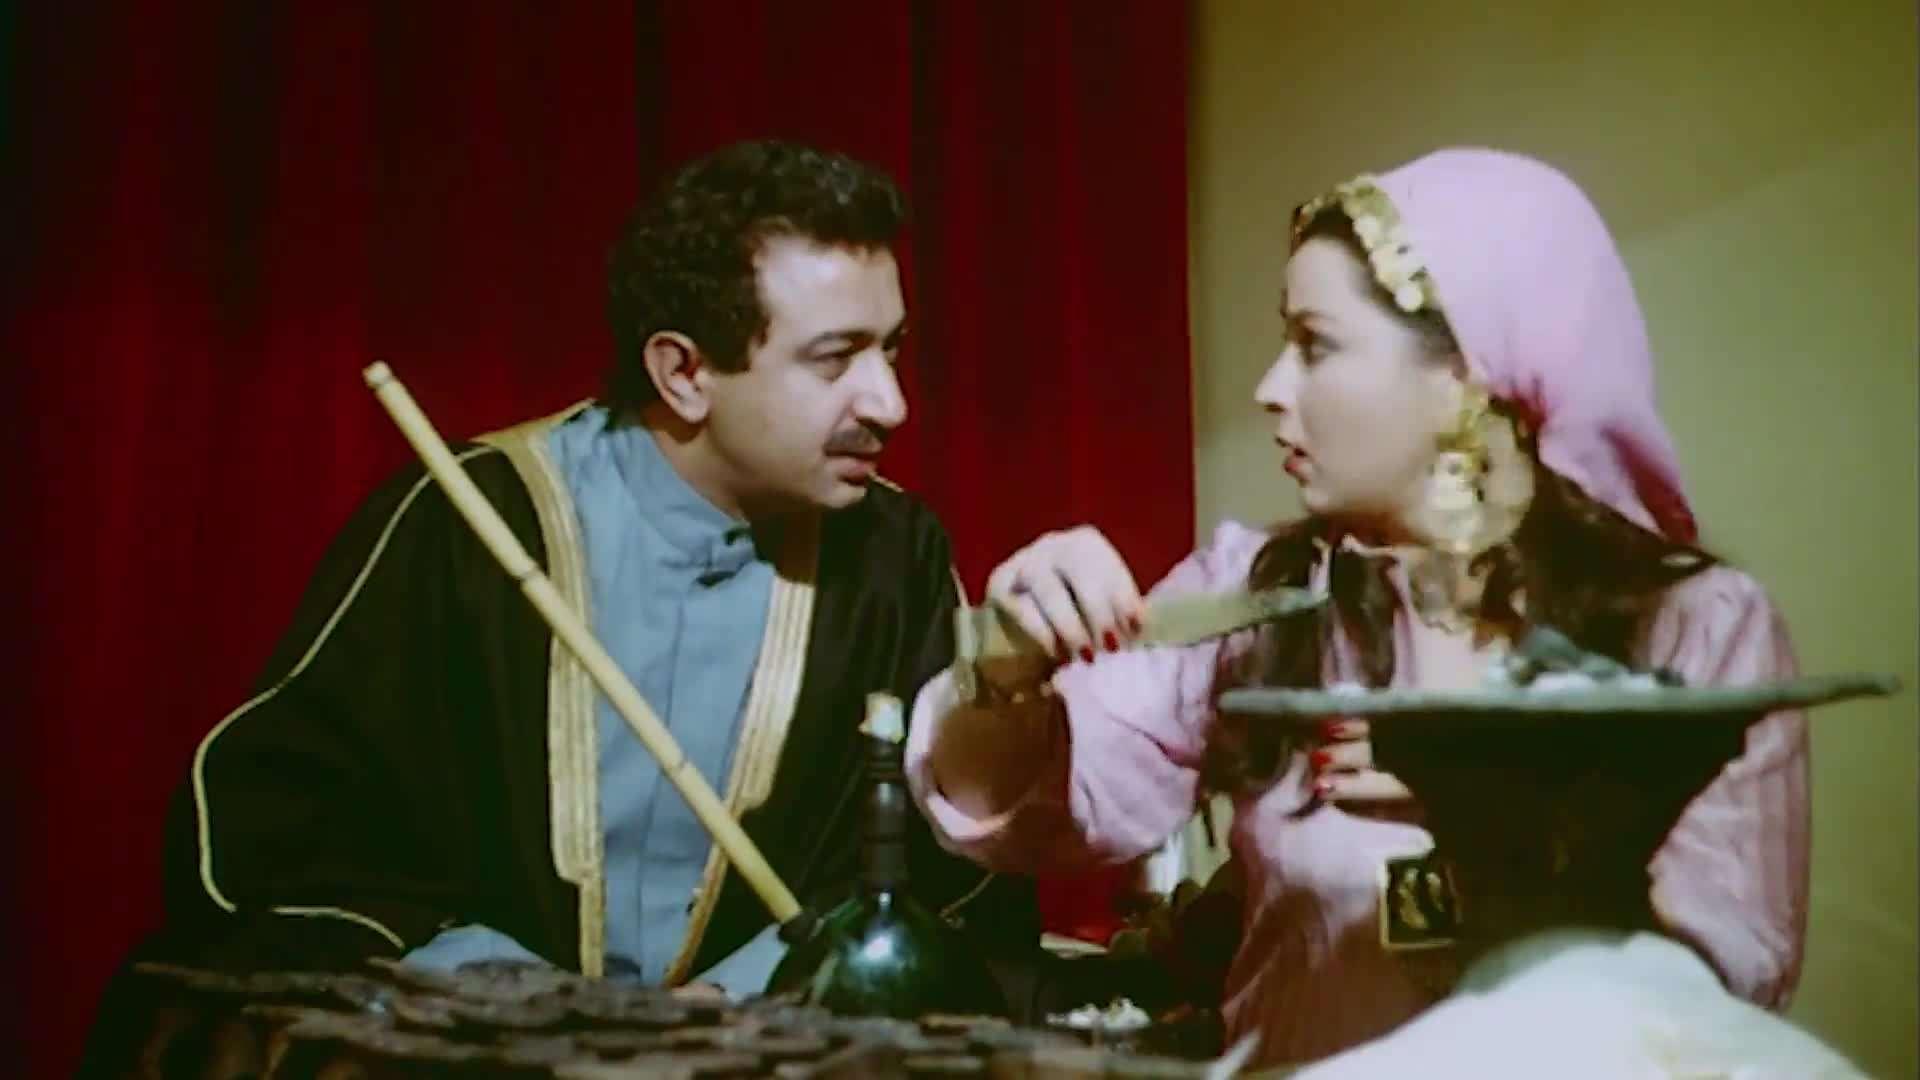 [فيلم][تورنت][تحميل][العار][1982][1080p][Web-DL] 7 arabp2p.com